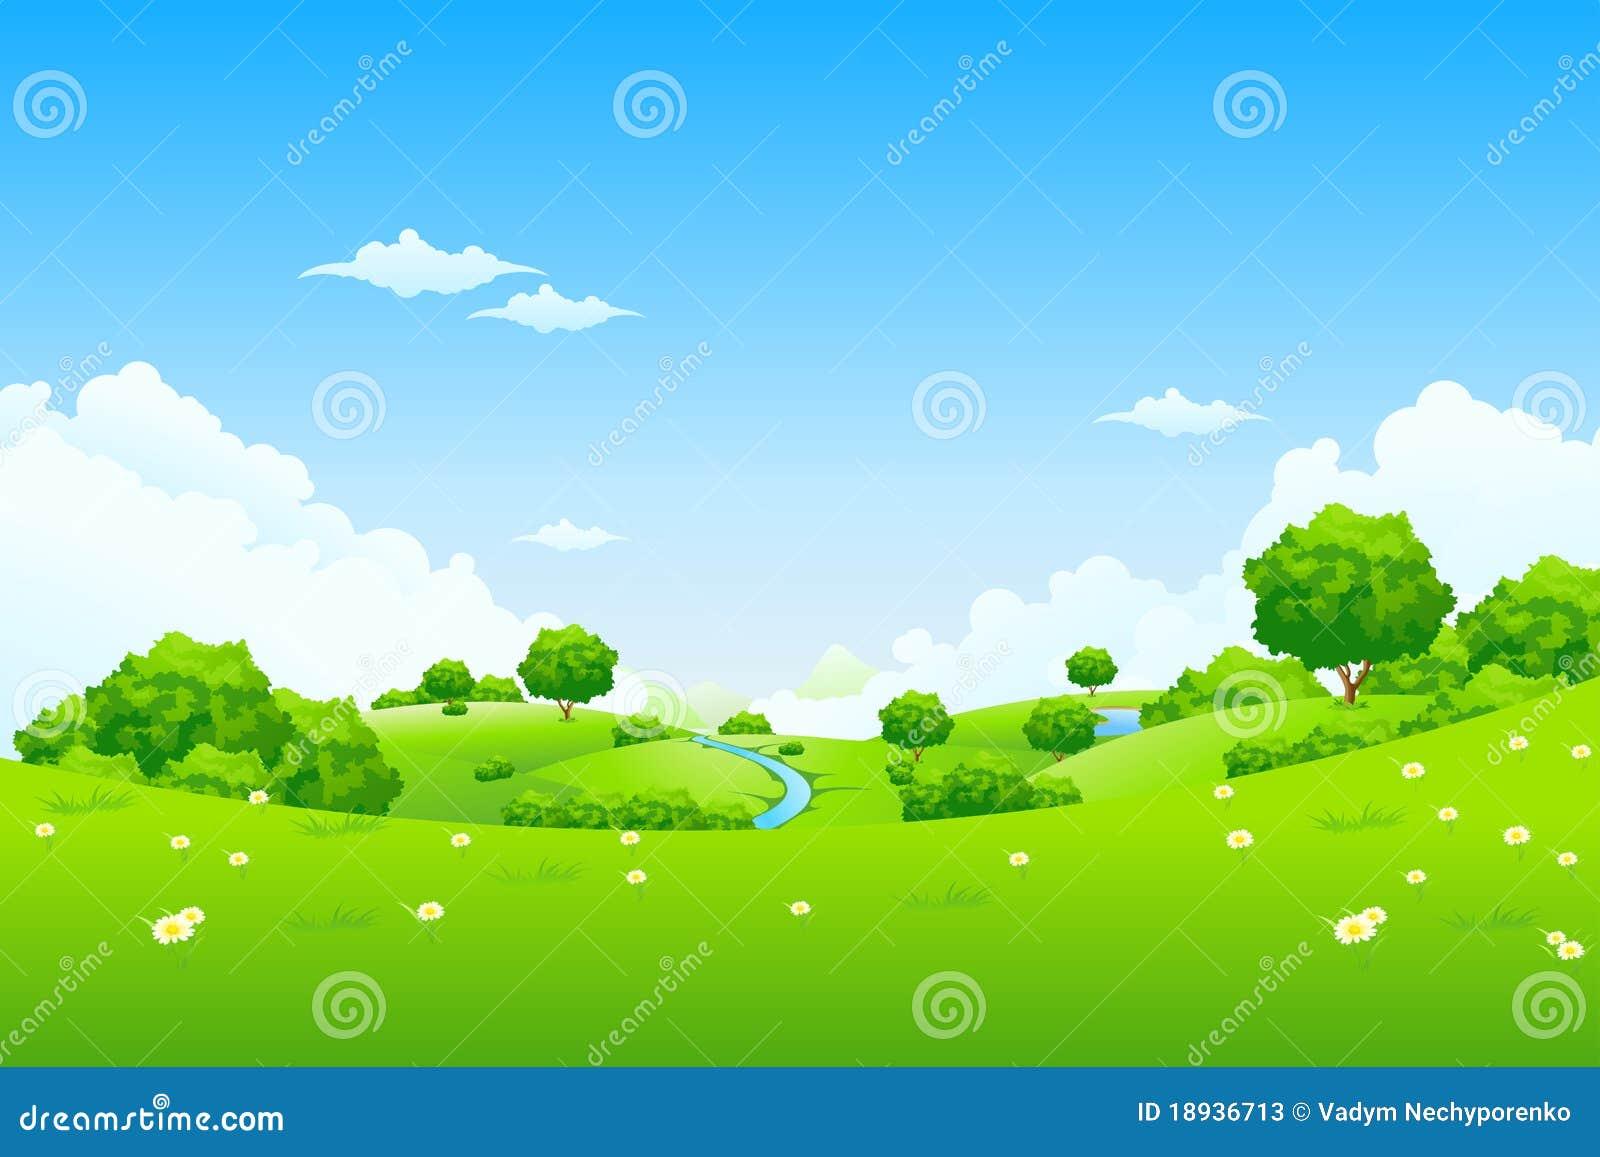 Groen Landschap met bomen